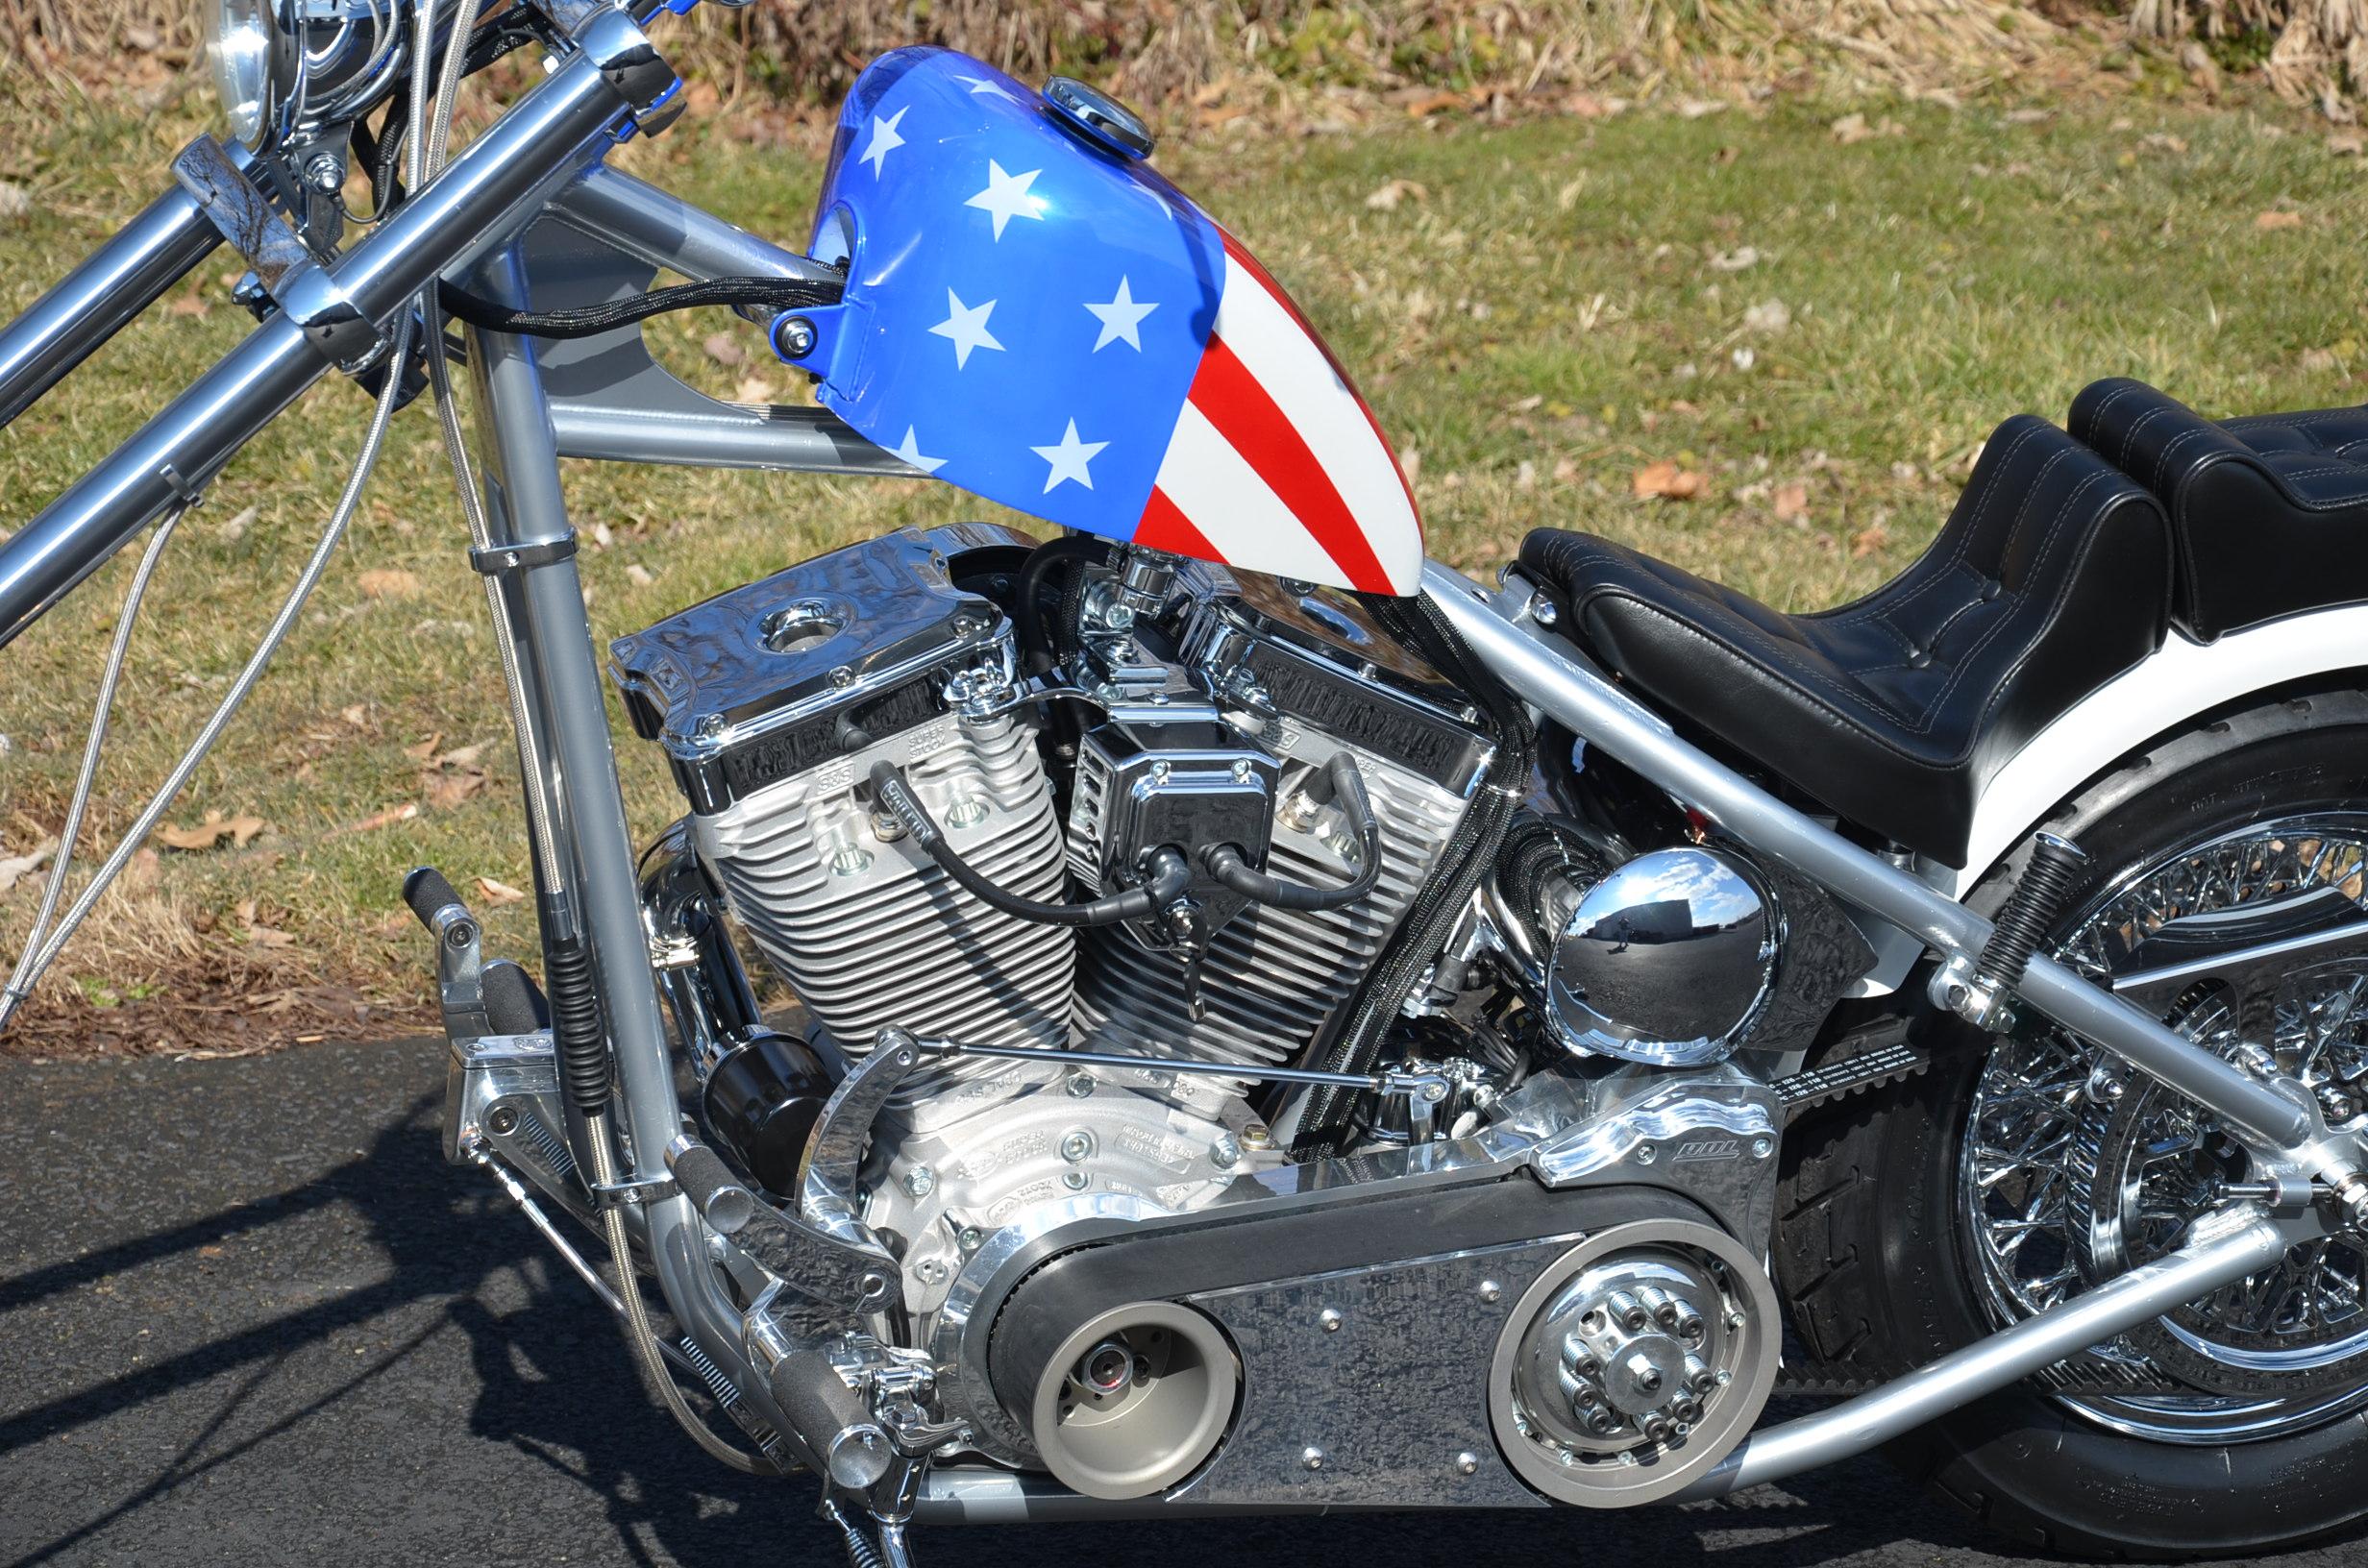 classic captain america chopper - photo #10